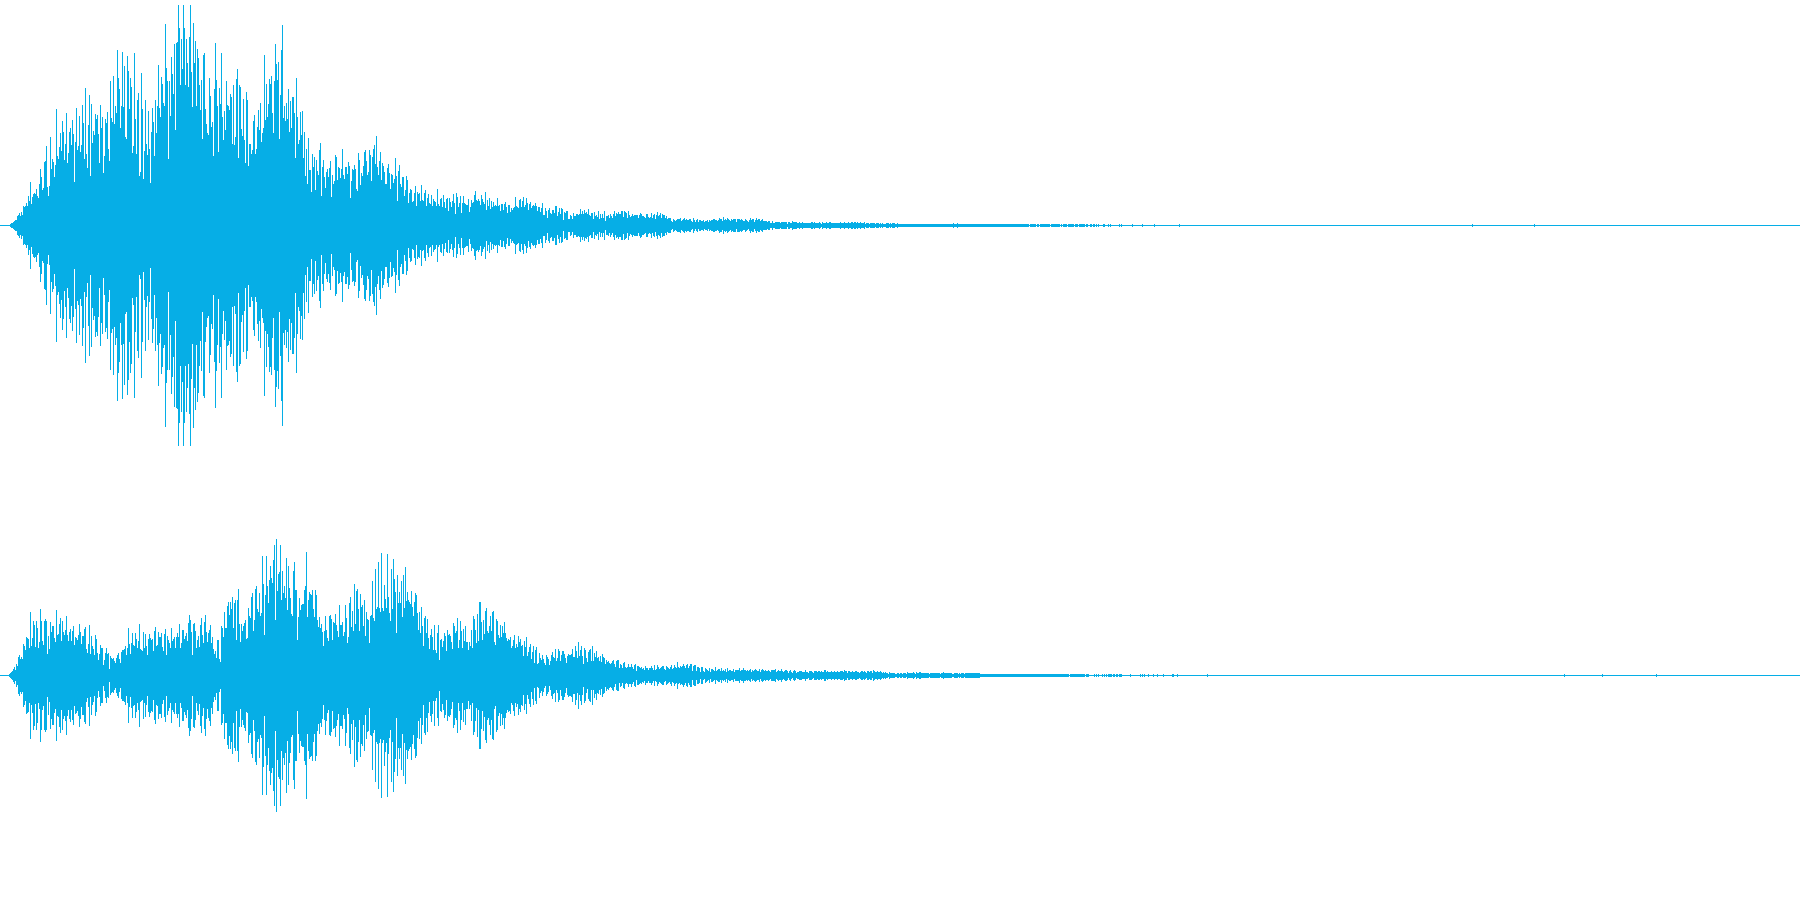 ファーーーン、ポワーーーン、やわらかい音の再生済みの波形